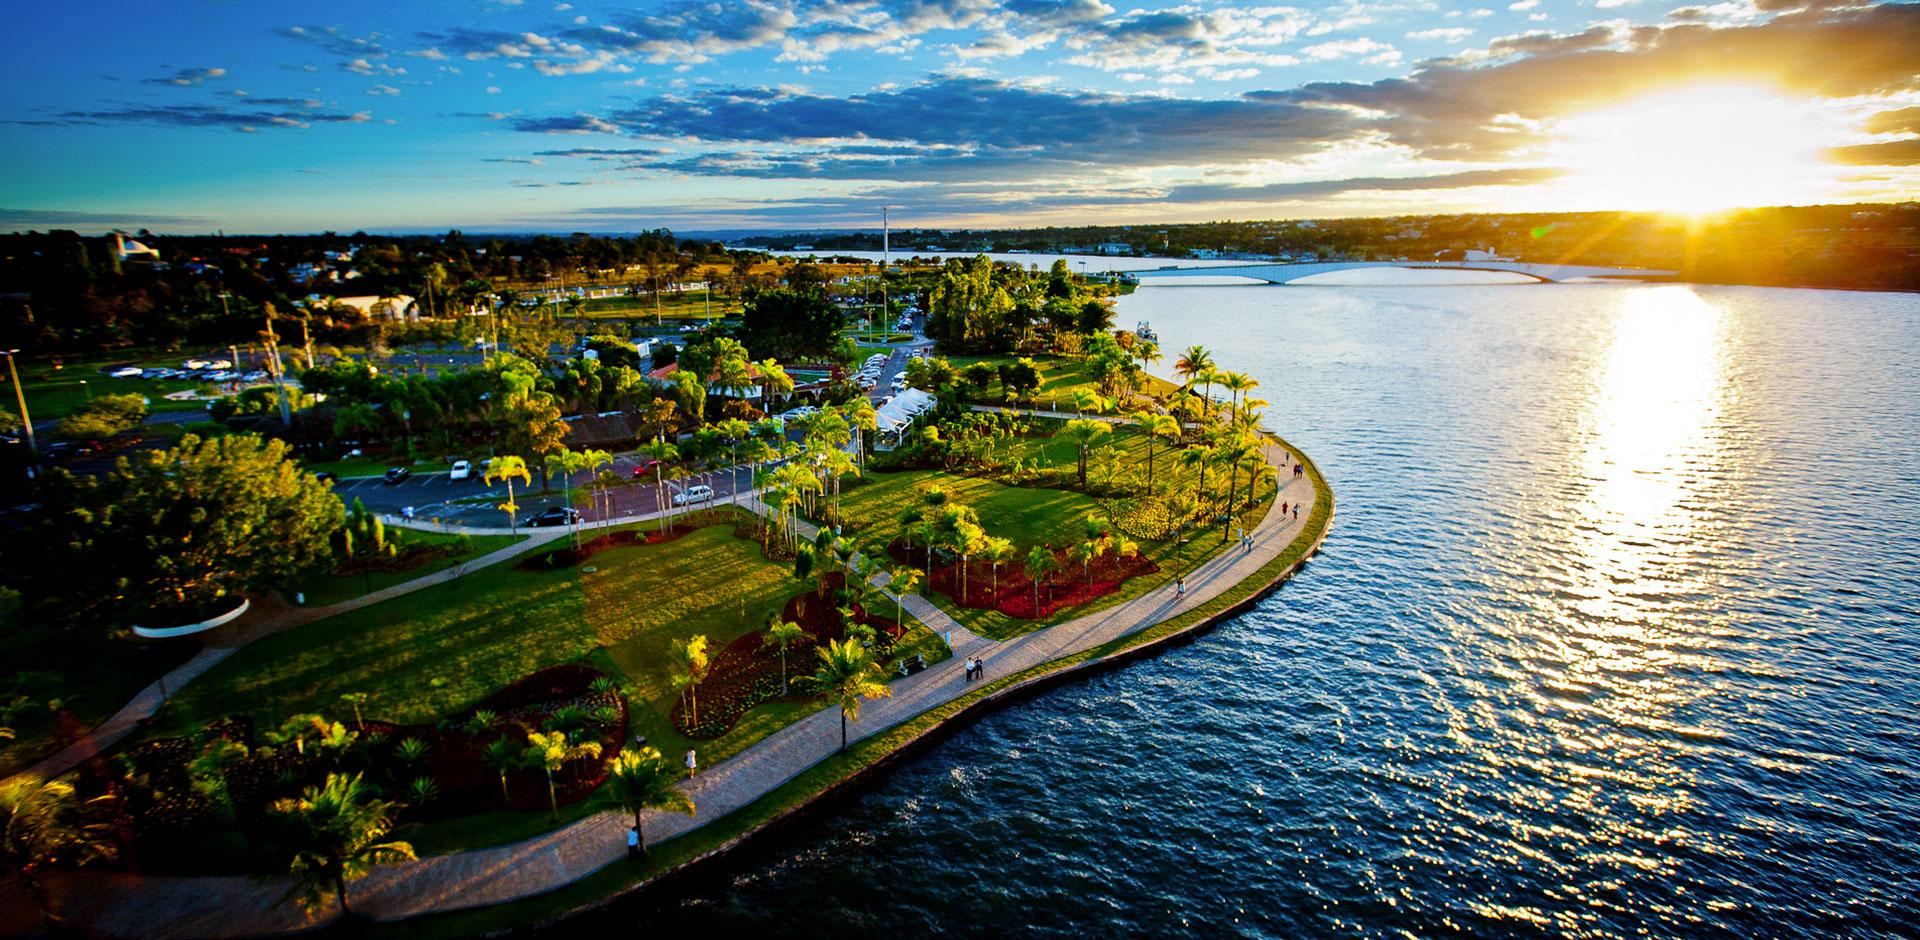 Pontão do Lago Sul - o maior centro de lazer e entretenimento da capital federal